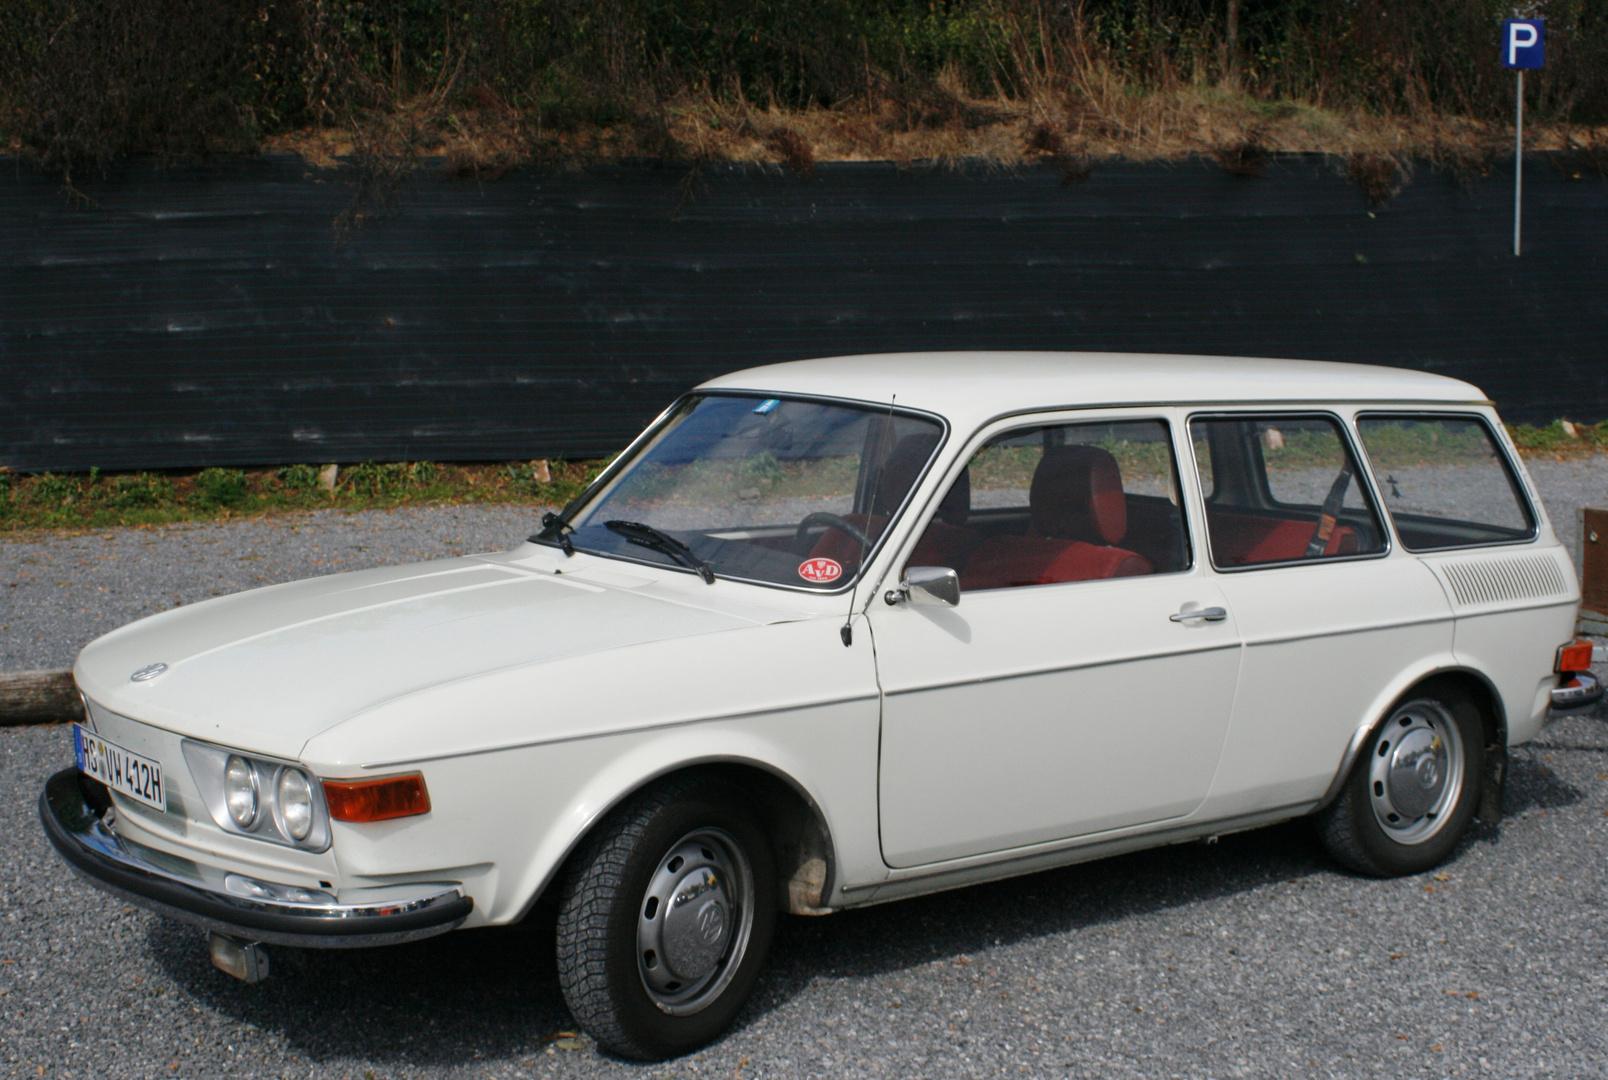 VW 412 LE Variant - Ein früher Vorgänger von meinem Auto !!